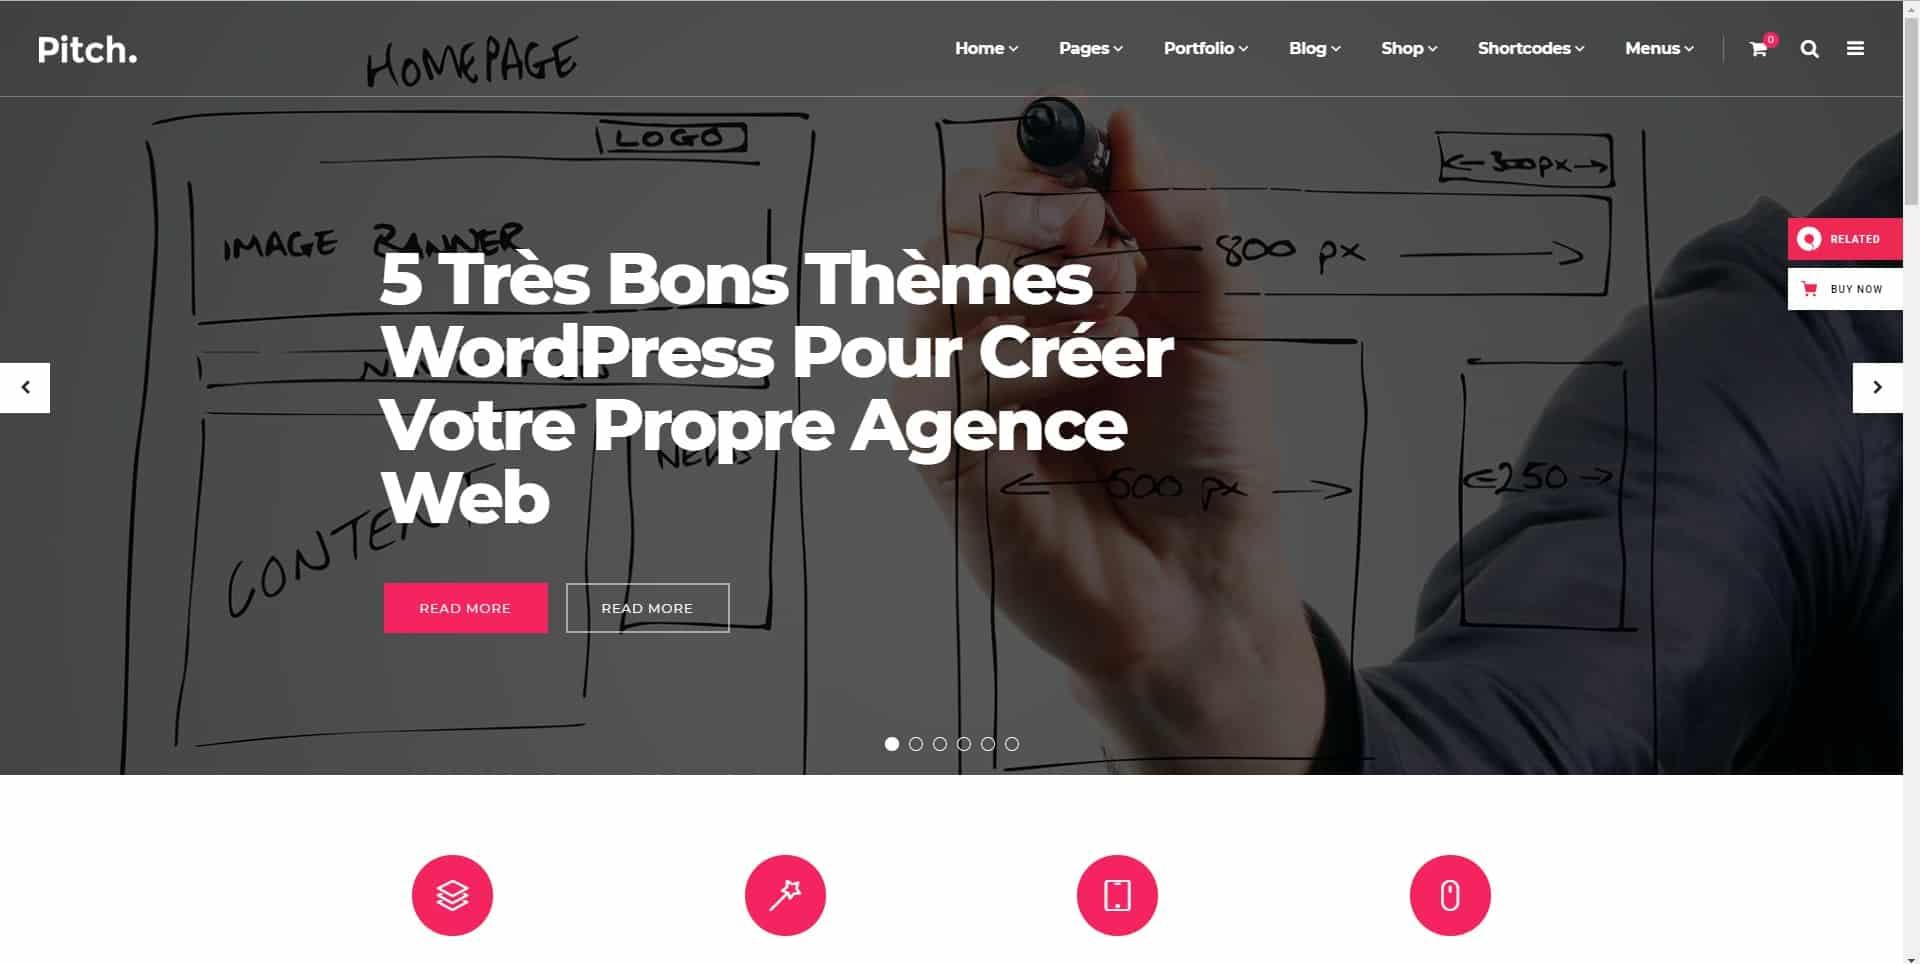 5 Très Bons Thèmes WordPress Pour Créer Votre Propre Agence Web - WP4Muslim